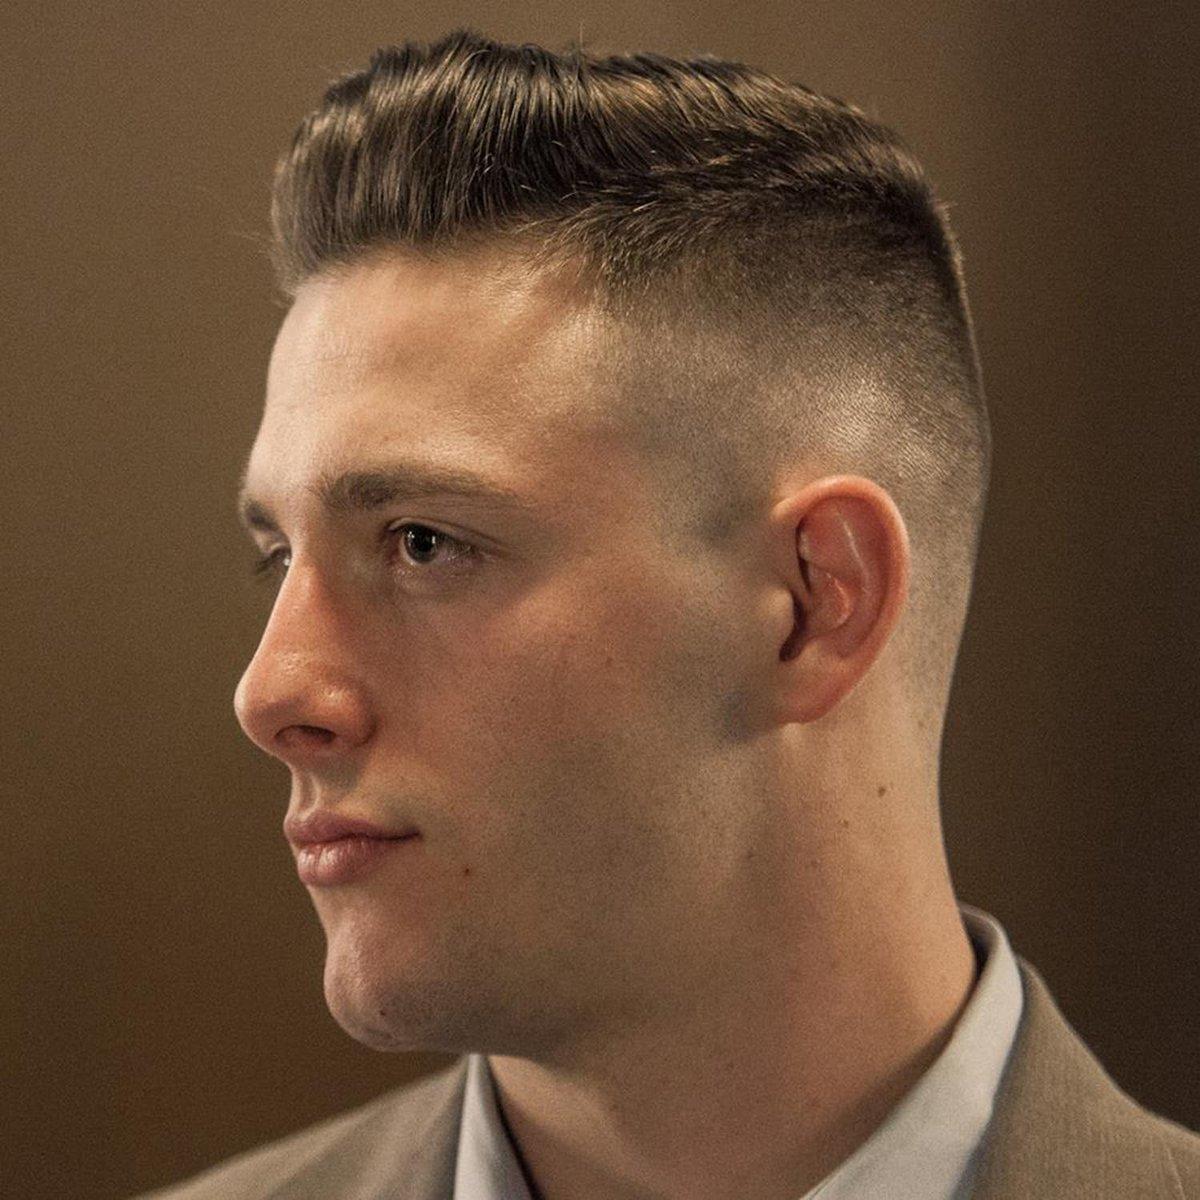 Причёски для мужчин бокс